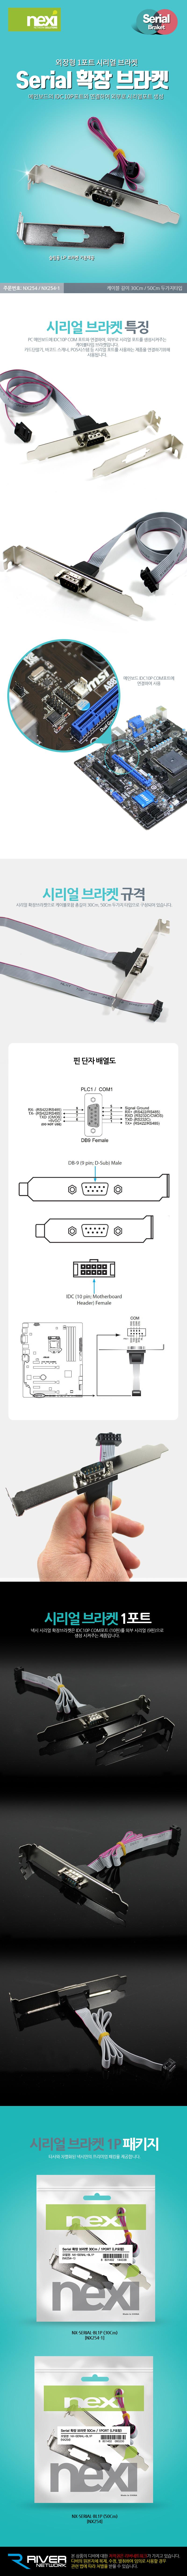 리버네트워크 NEXI 1포트 외장형 시리얼 확장 브라켓 (NX-SERIAL-BL1P)